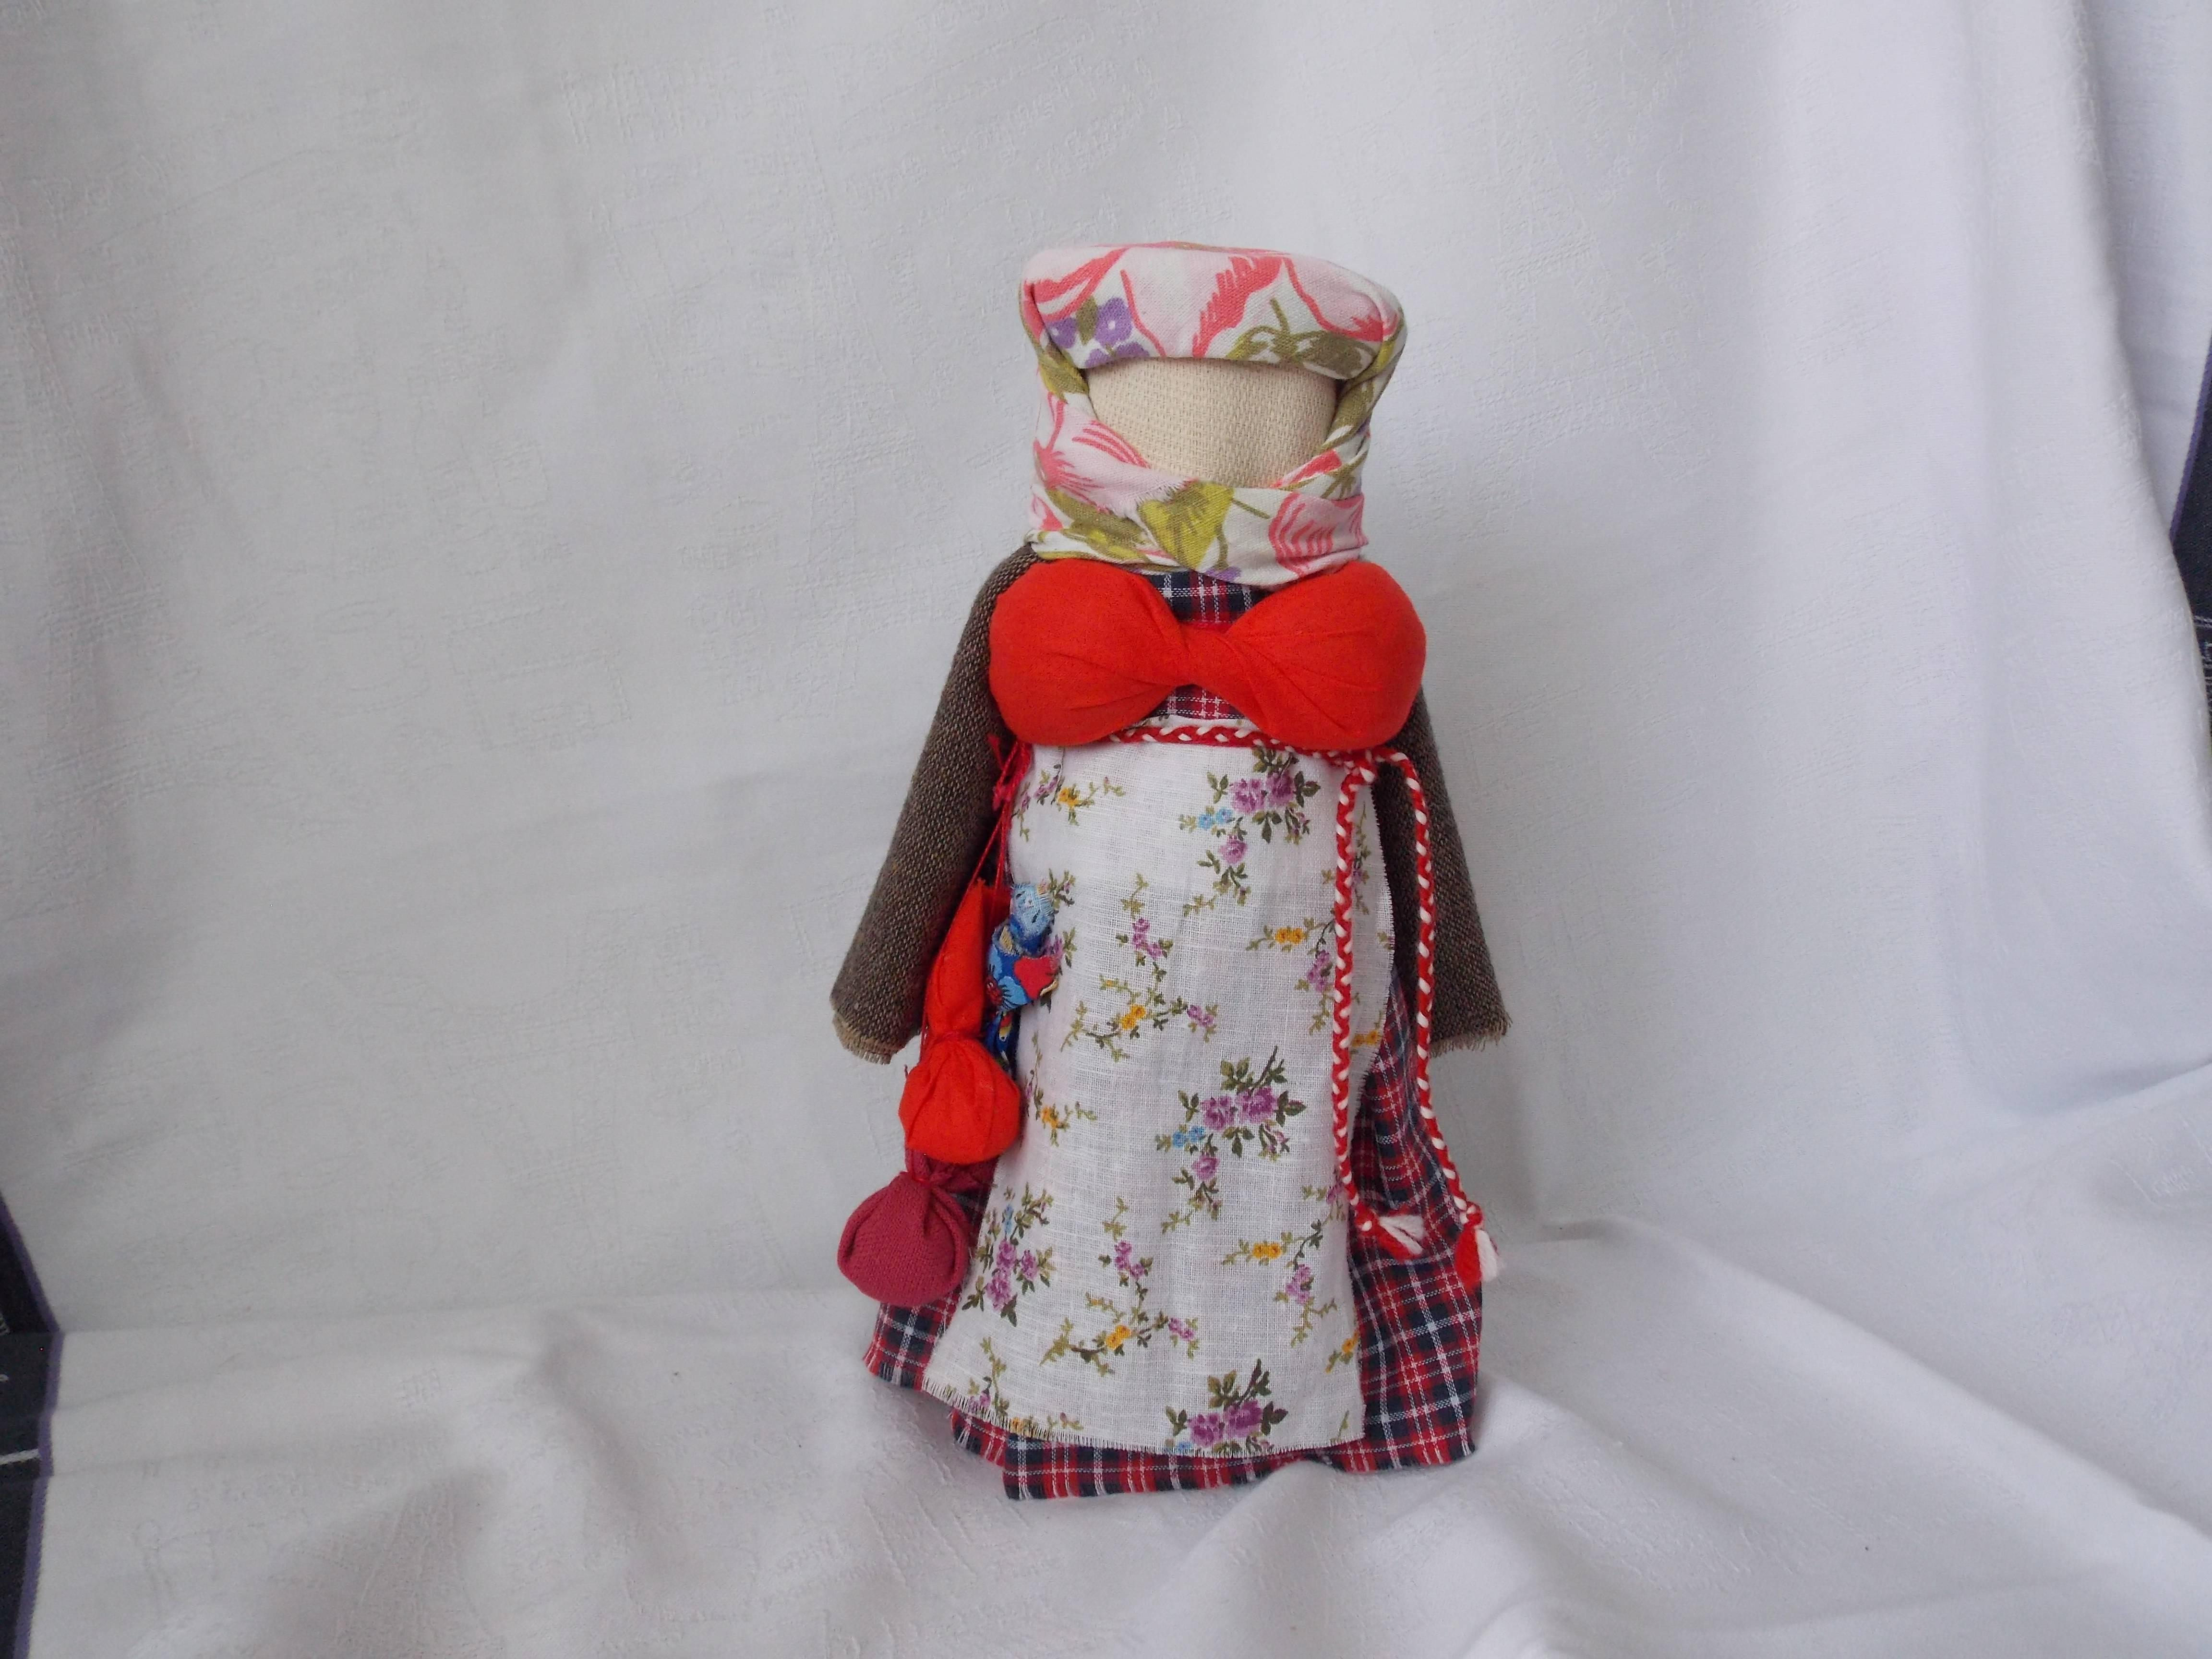 Кукла колокольчик: делаем своими руками